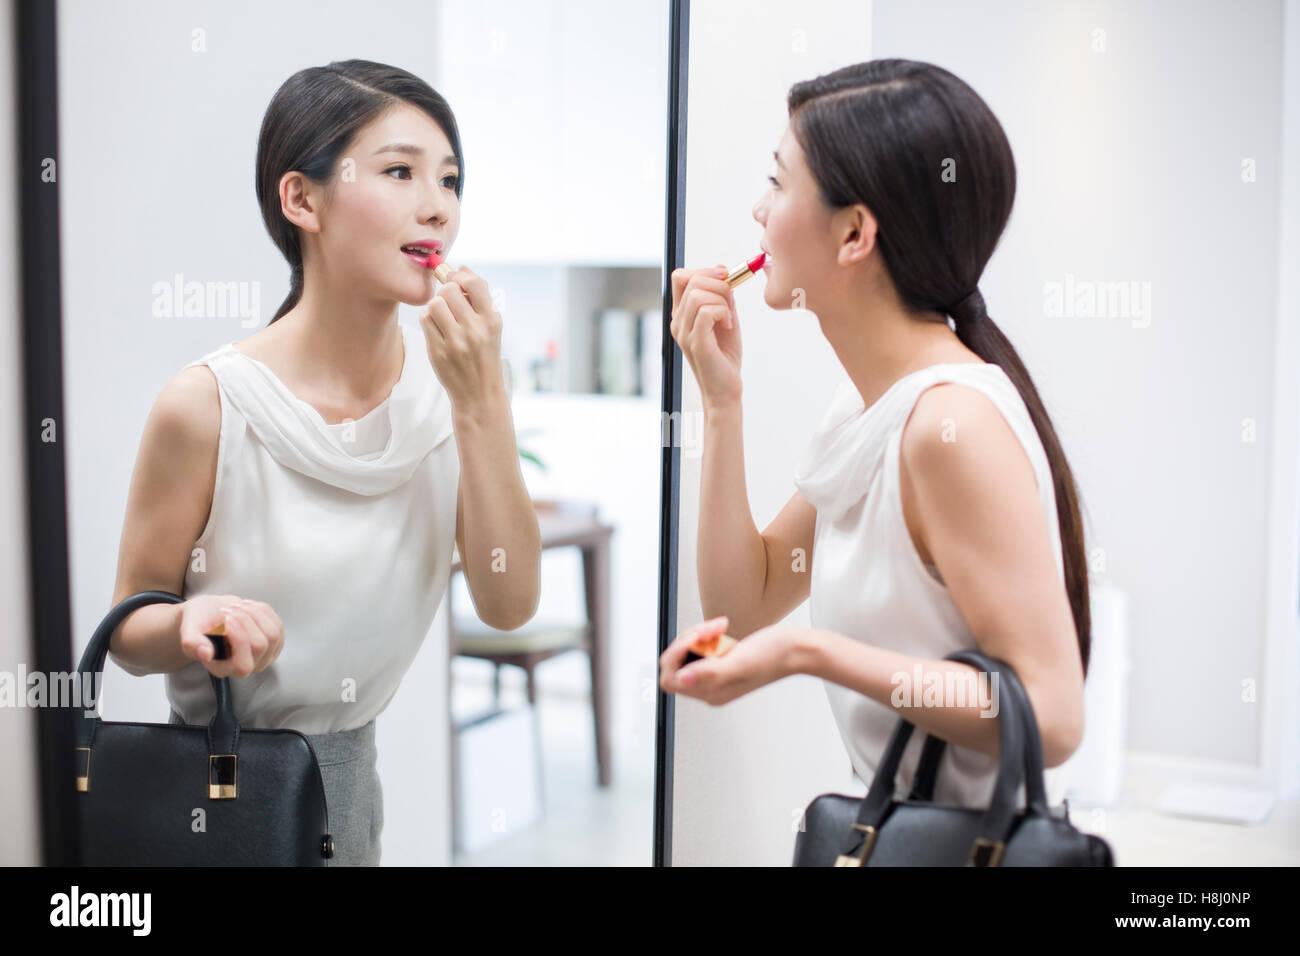 Chinoise recherche femme Rencontres femmes